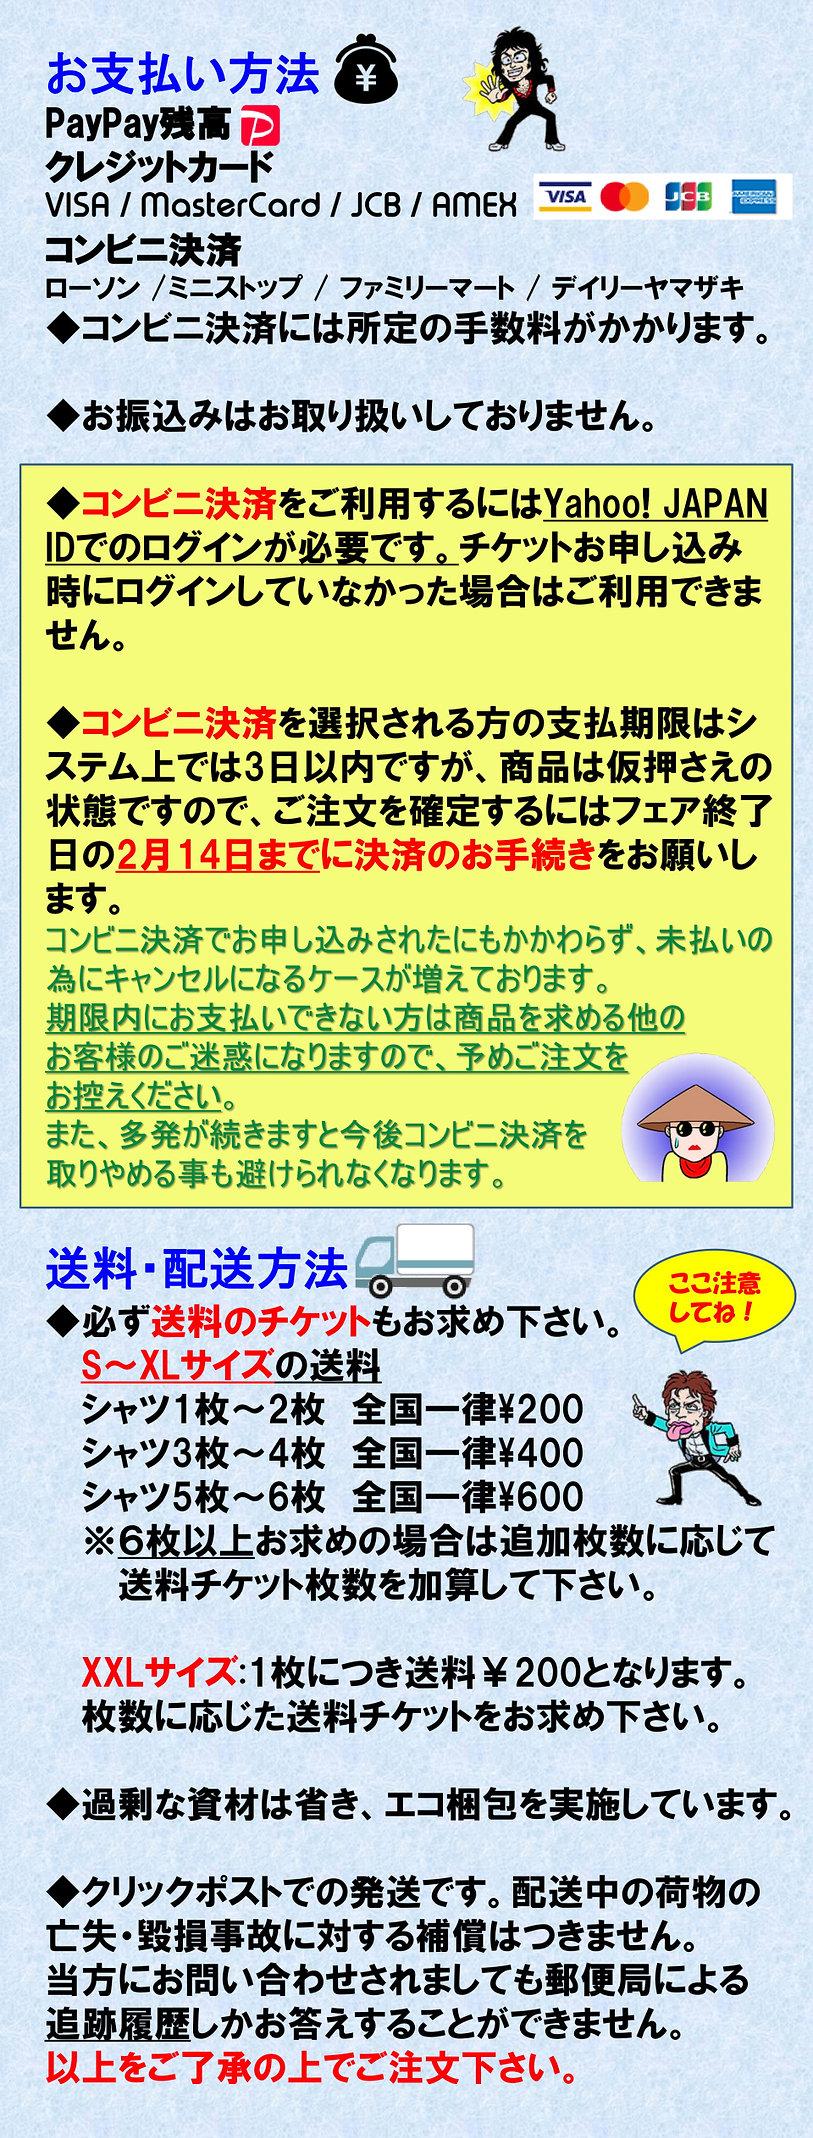 ロンTフェア20212月_案内-2.jpg